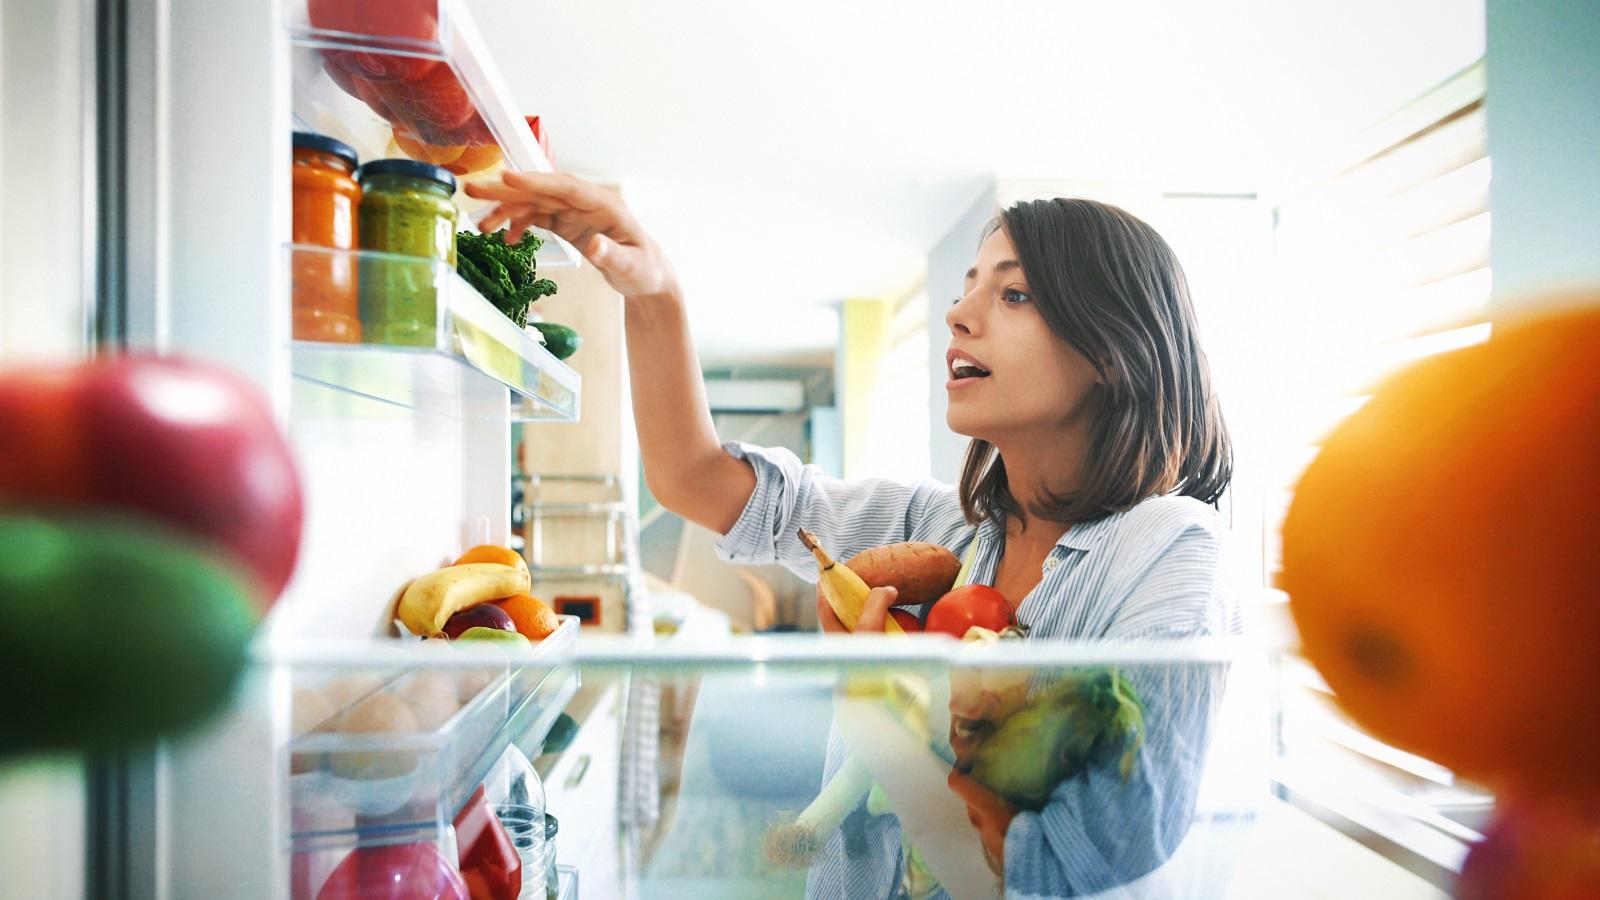 <p><strong>Овен</strong></p>  <p>Овенът ще се разрови в хладилника да търси храна, която ще изяде пред телевизора или компютъра, след което ще се замисли за секс. Най-вероятно сами ще задоволят нагона си без много да се церемонят. След това, доволни от себе си, ще отидат на фитнес или среща с приятели.</p>